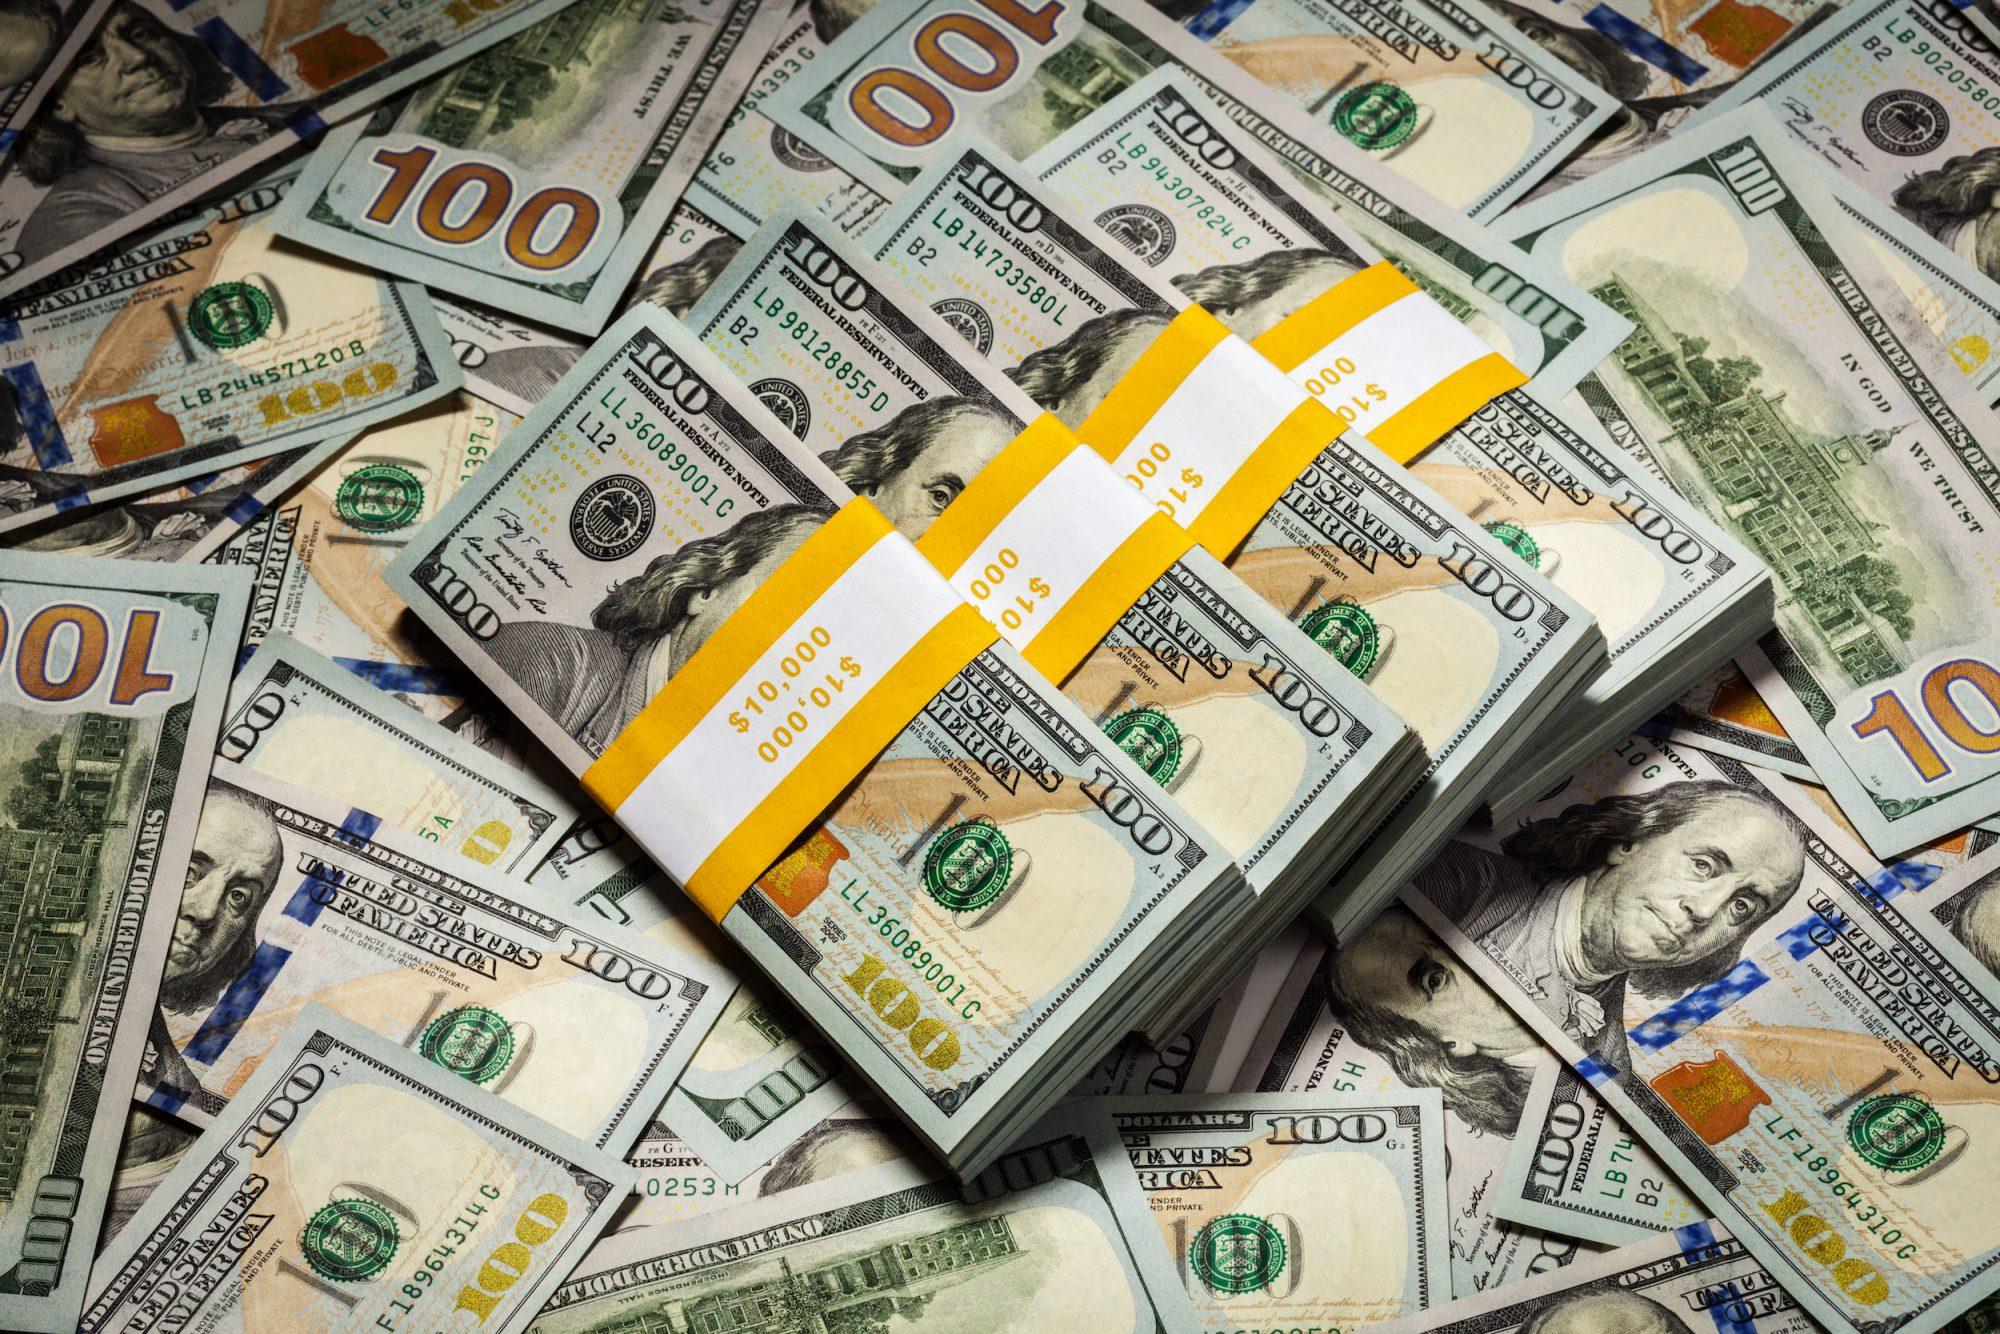 33 new billionaires in the U.S. during the Coronavirus pandemic